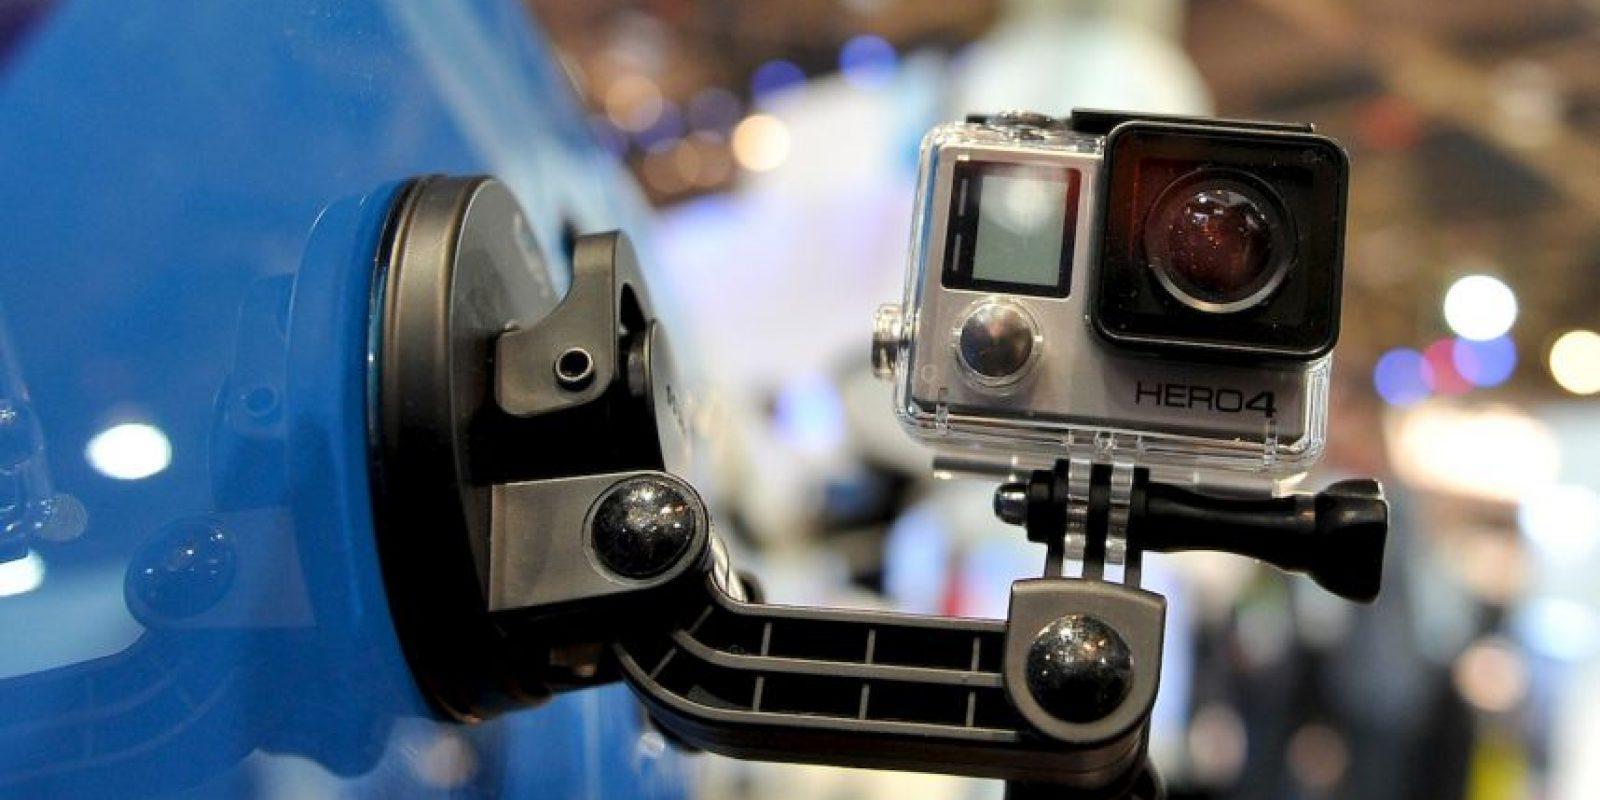 Son cámaras compactas, ligeras, resistentes y que pueden colocarse en vehículos Foto:Getty Images